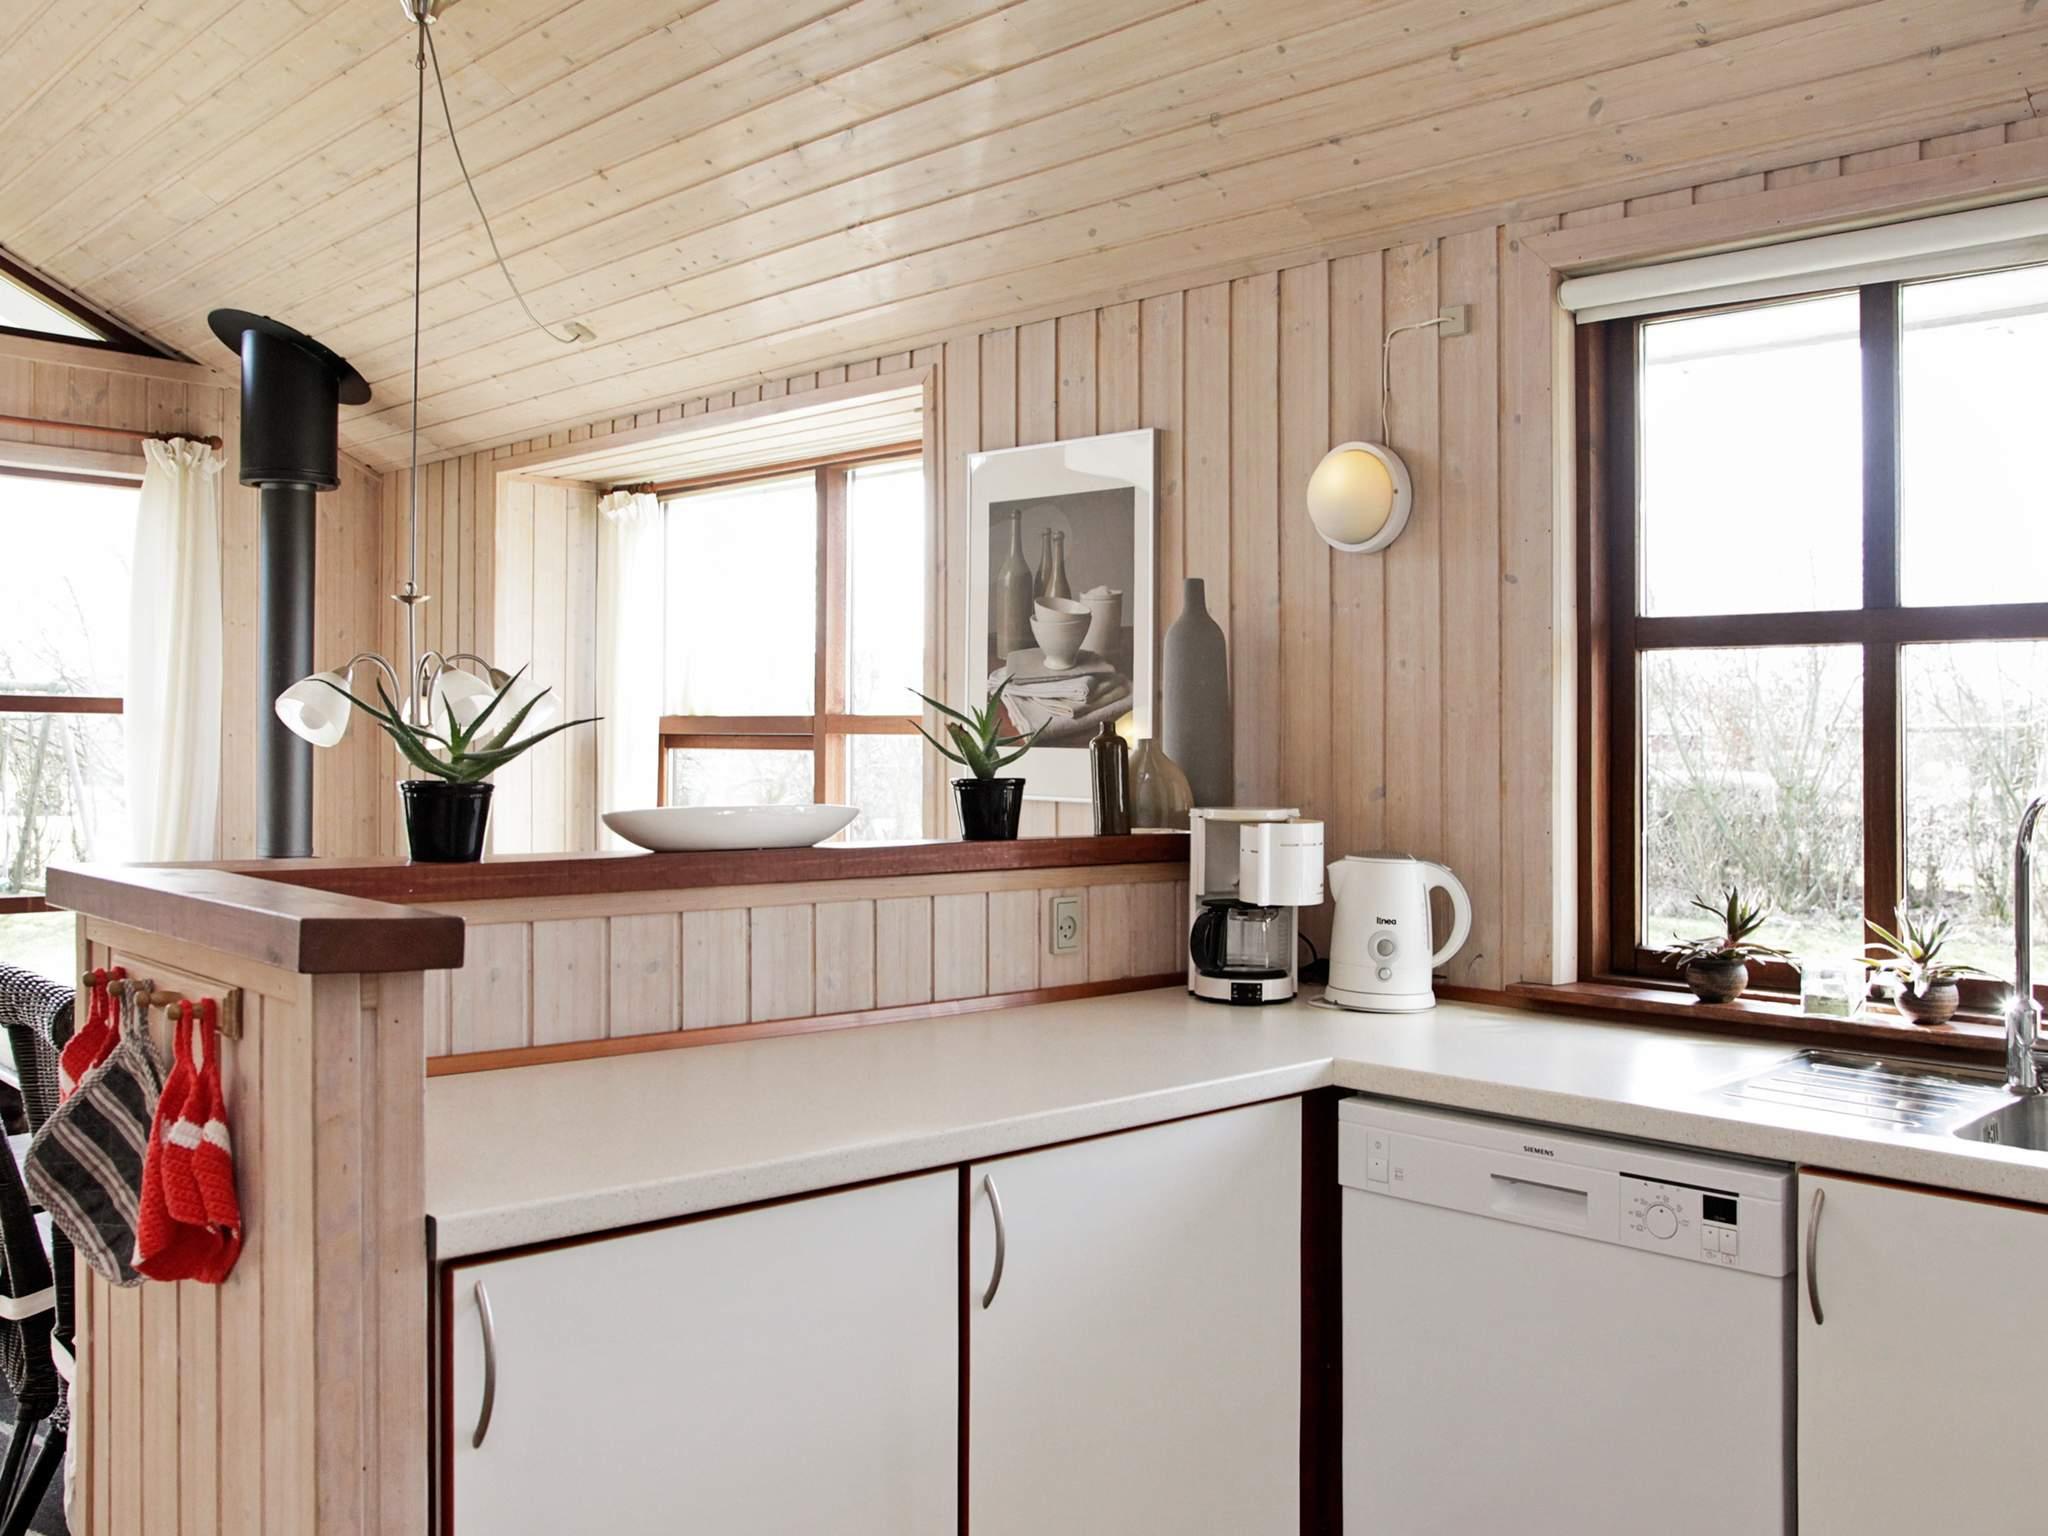 Ferienhaus Bork Havn (82464), Bork Havn, , Westjütland, Dänemark, Bild 8